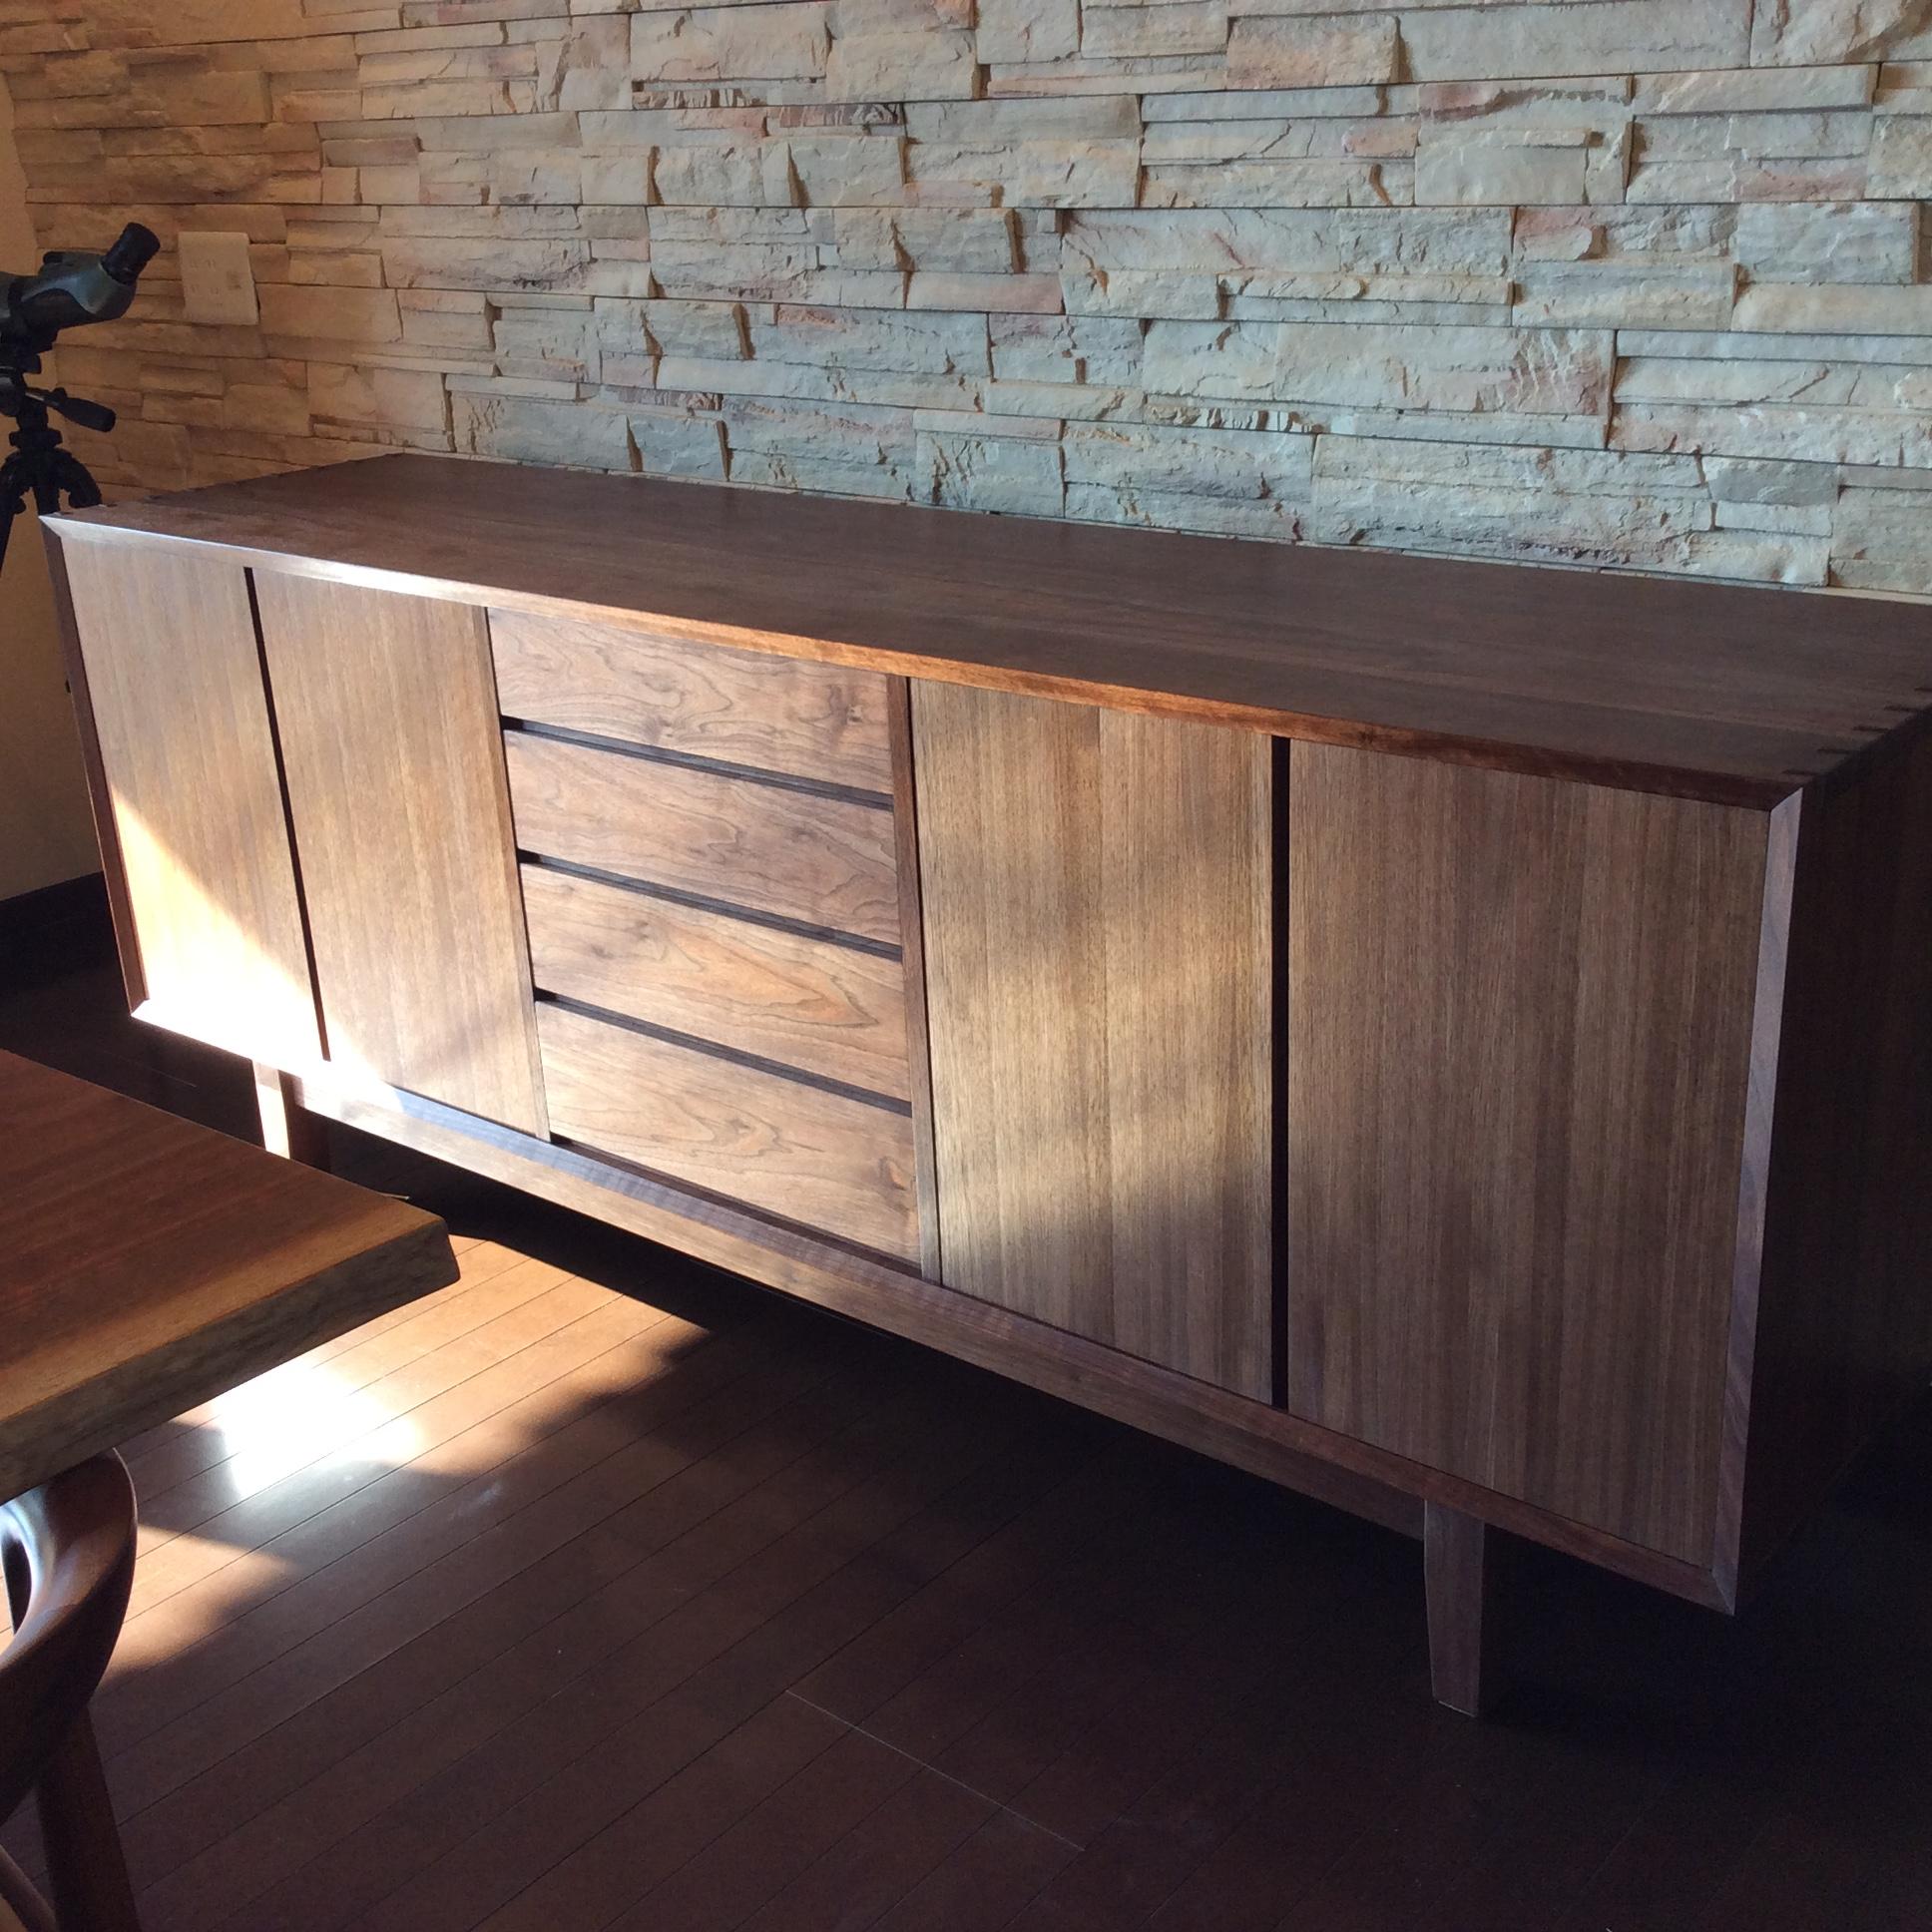 幅2mのウォールナットのサイドボード。/八ヶ岳の家具工房ZEROSSOの創作家具